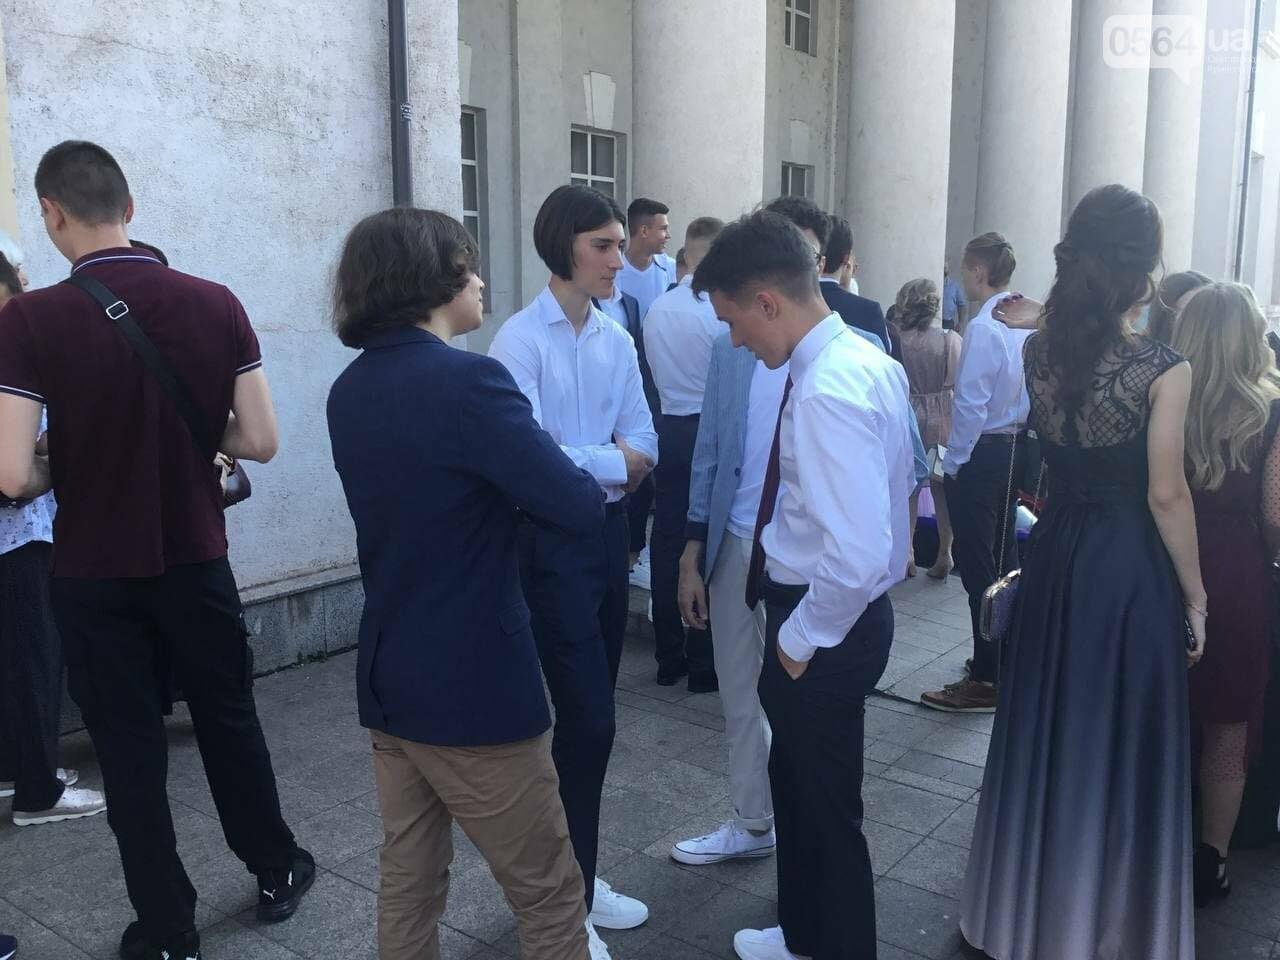 В Кривом Роге 3667 выпускников сегодня прощаются со своими alma mater, - ФОТО, фото-7